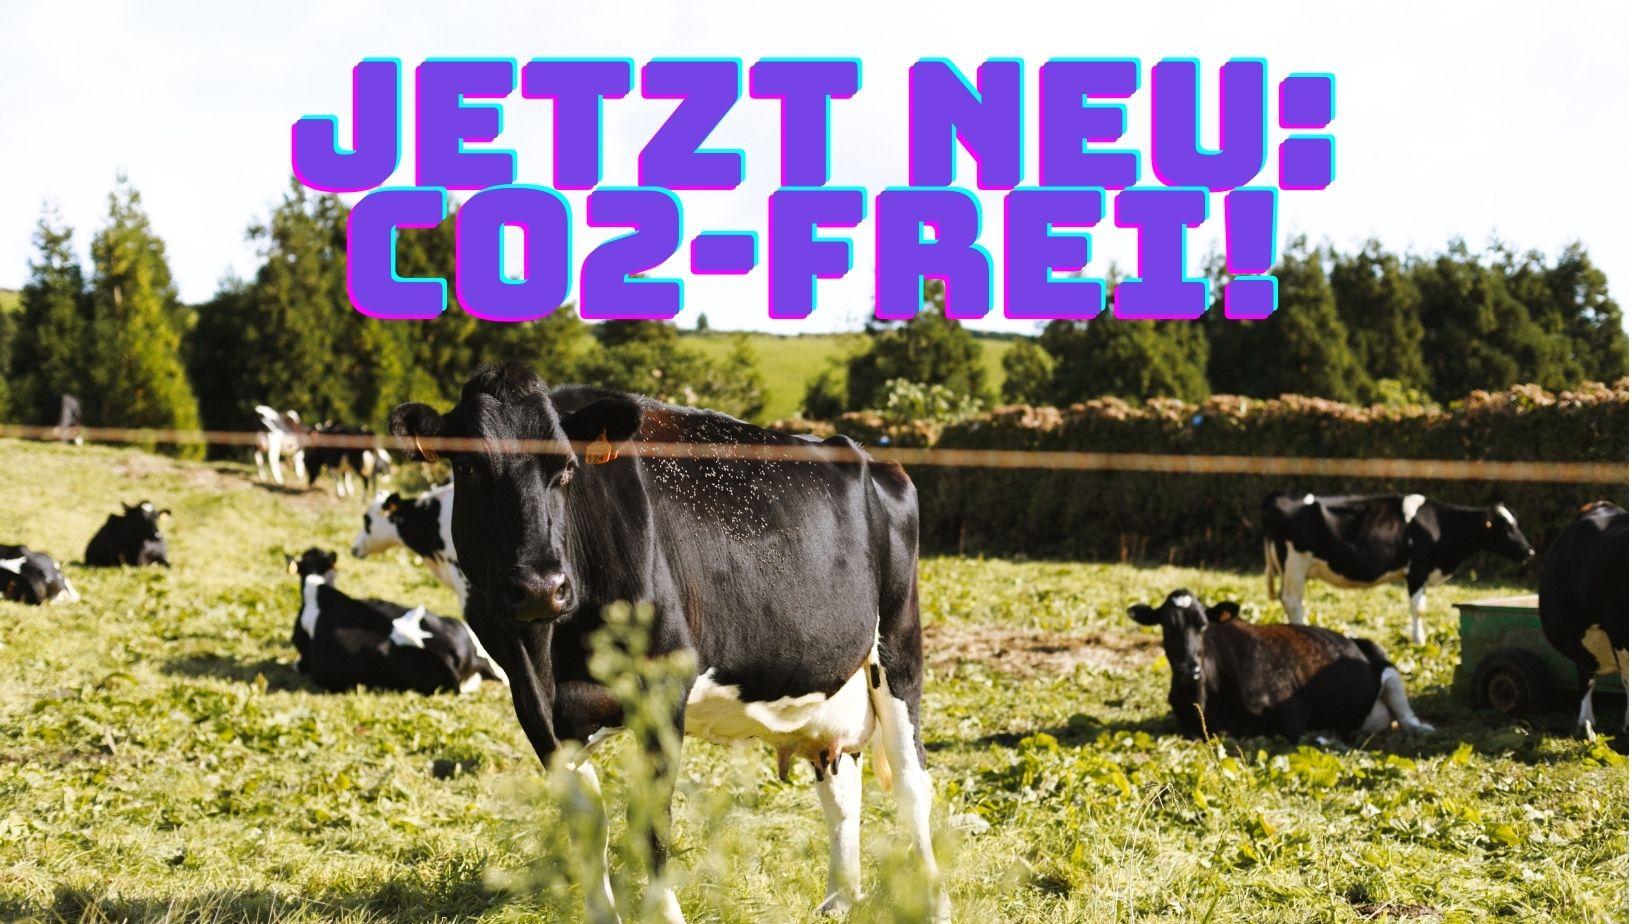 Kühe auf der Weide. Darübner steht Co2-frei